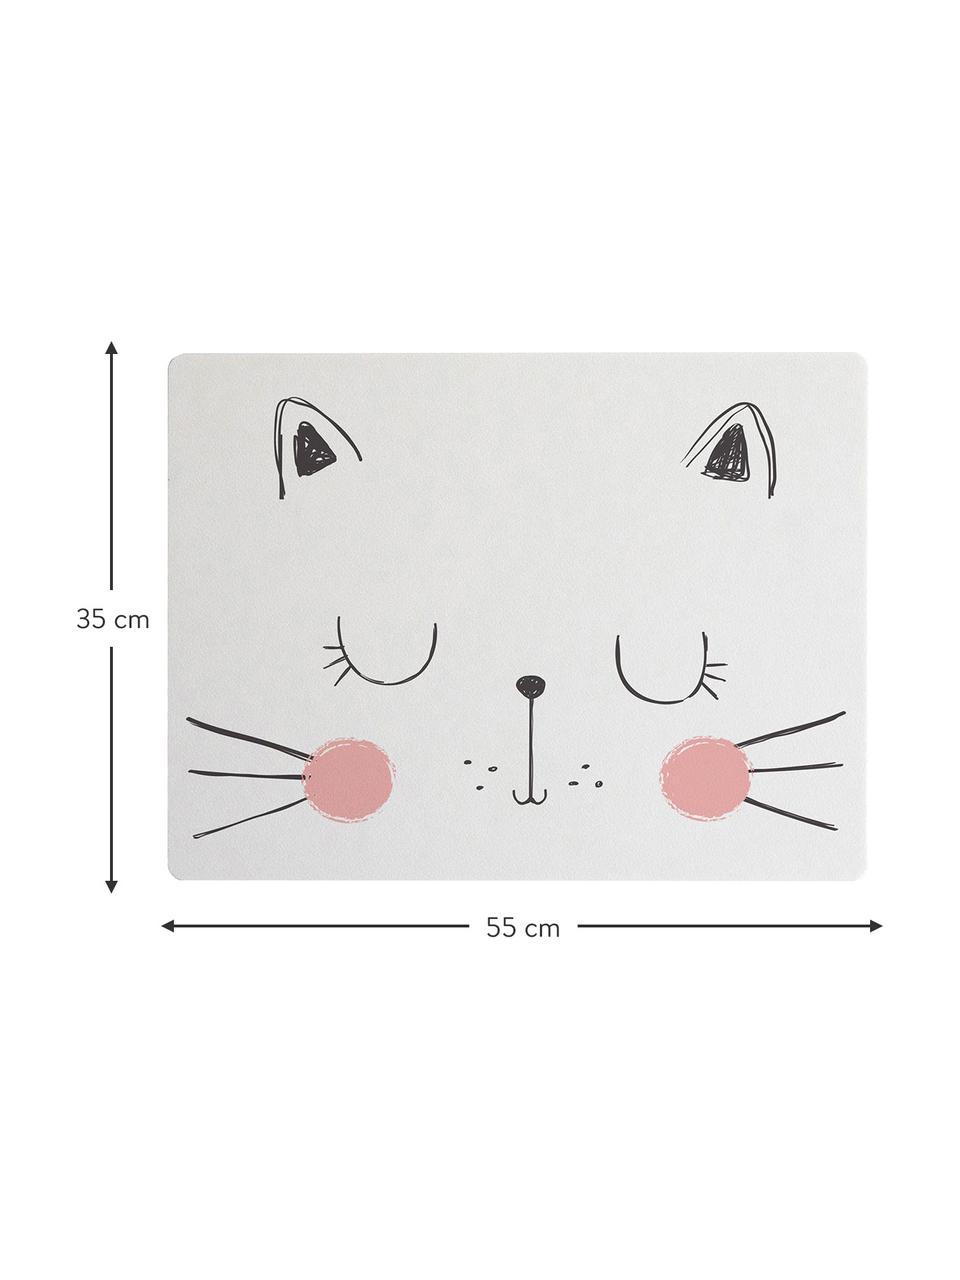 Tischset Cat, Jute- und Harzfaser, Weiß, Rosa, Schwarz, 35 x 55 cm